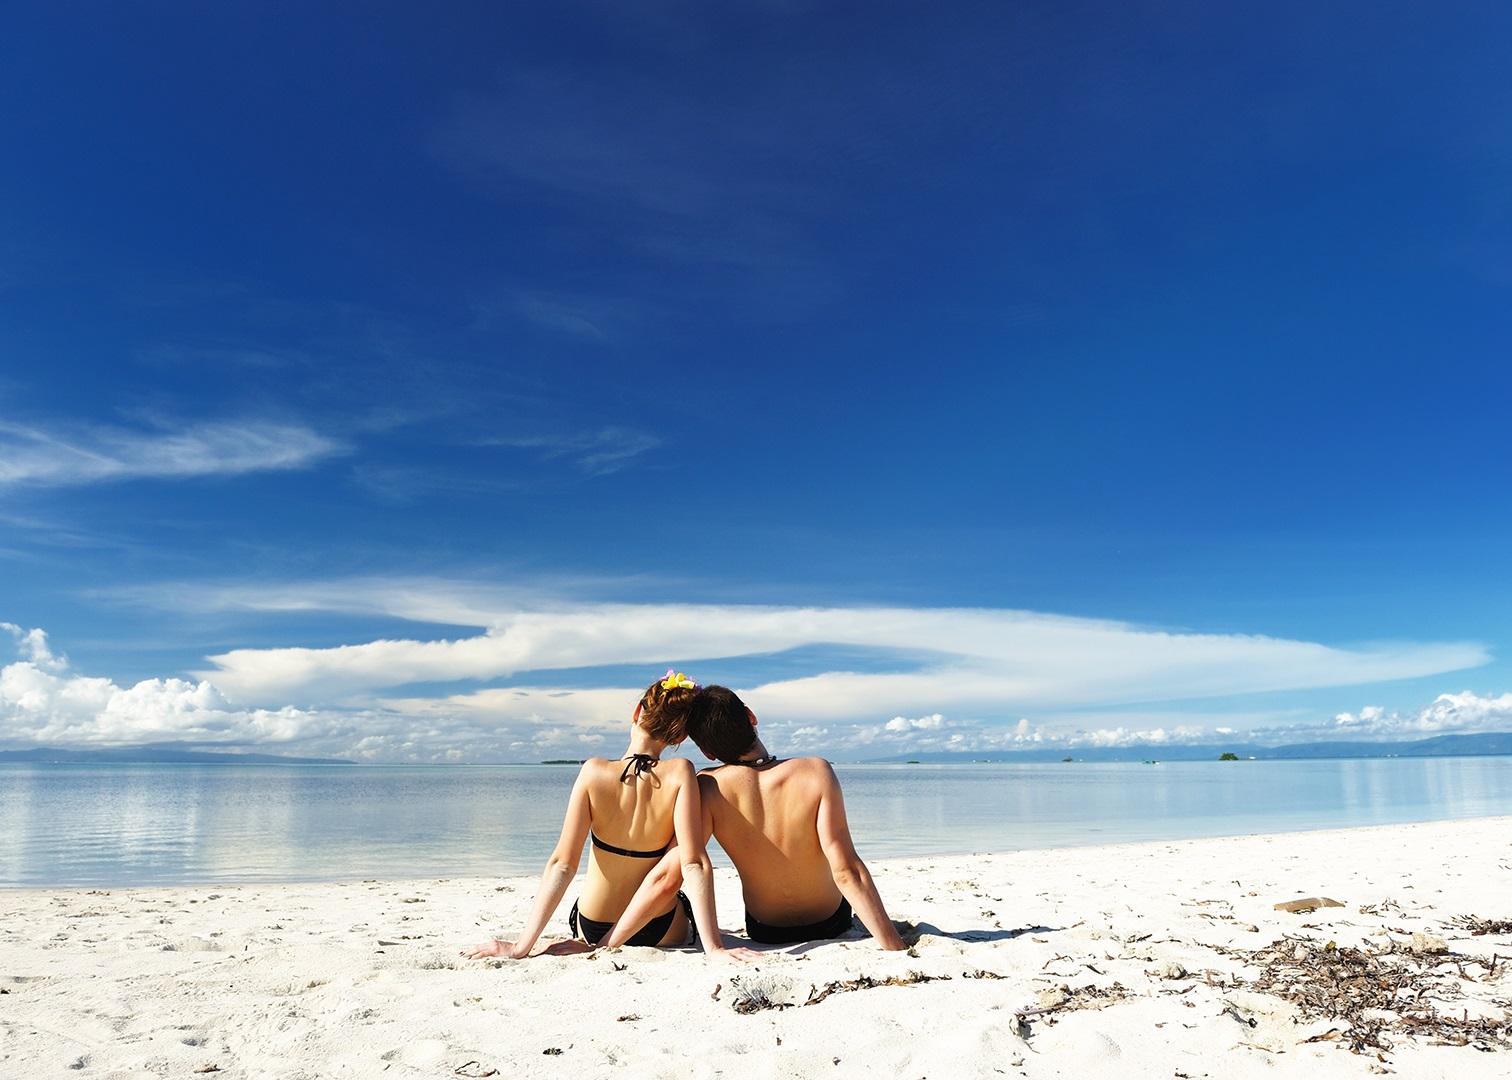 Рассказы секс втроём на пляже, Свингеры рассказы -историй. Читать порно онлайн 12 фотография